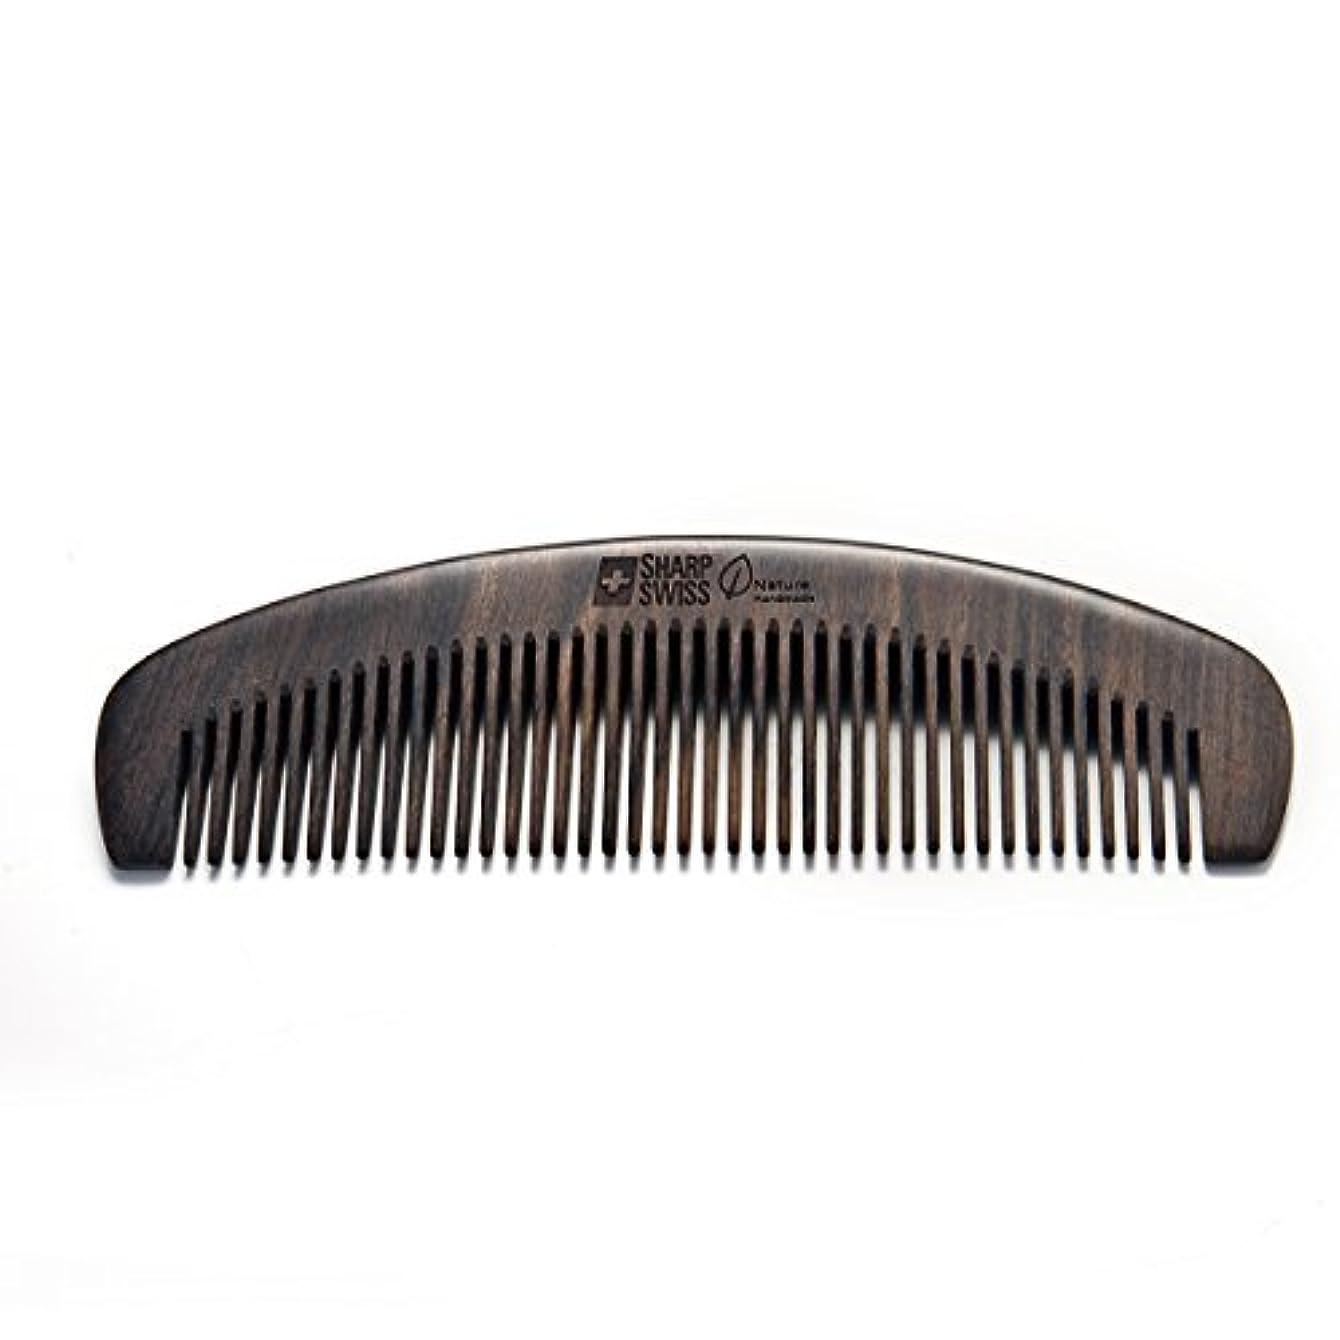 監査検査官連想SHARPSWISS No Static Black Nature Quality Wooden Hair Combs [並行輸入品]